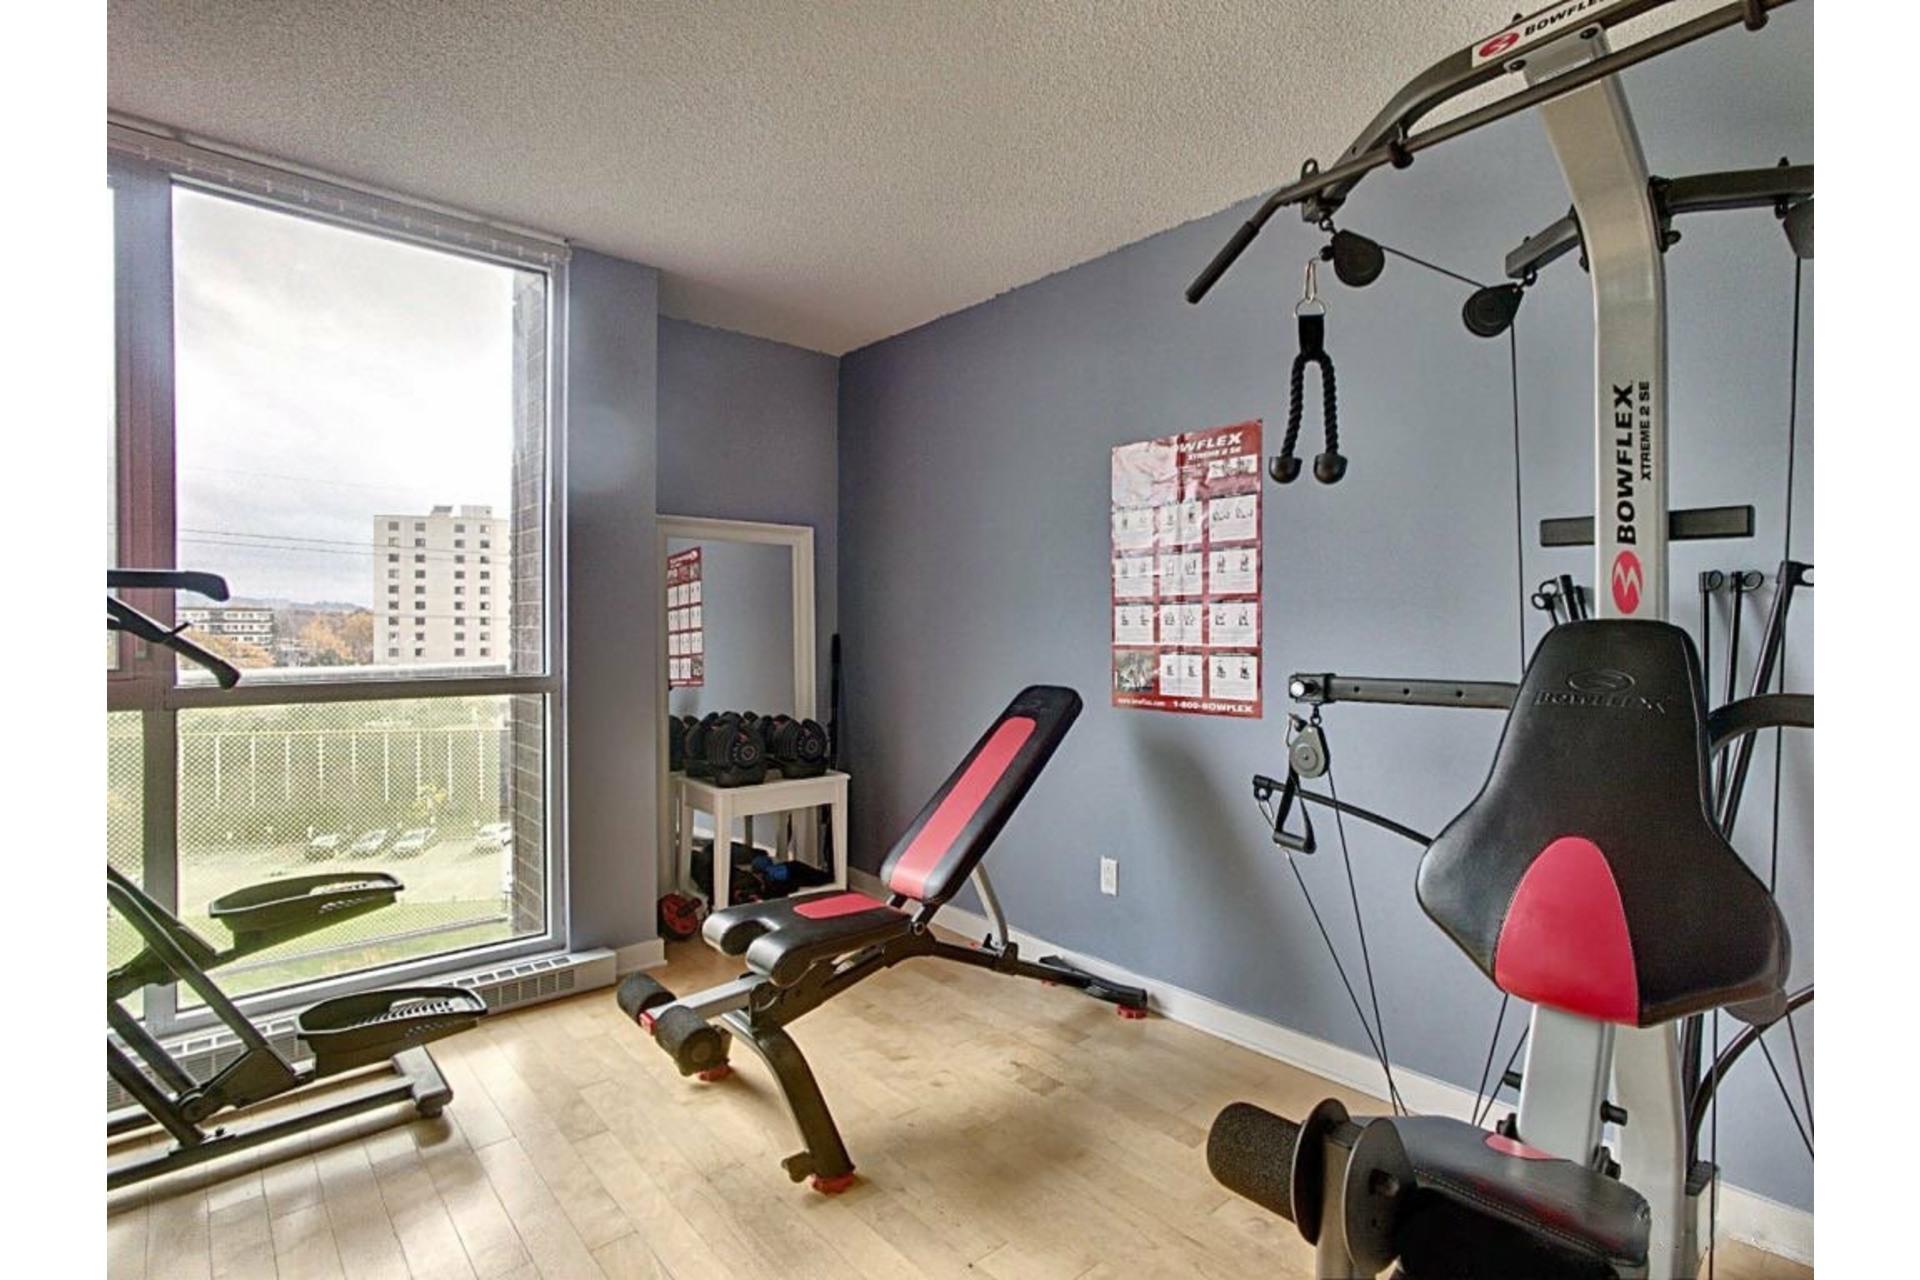 image 14 - Apartment For sale Ahuntsic-Cartierville Montréal  - 6 rooms